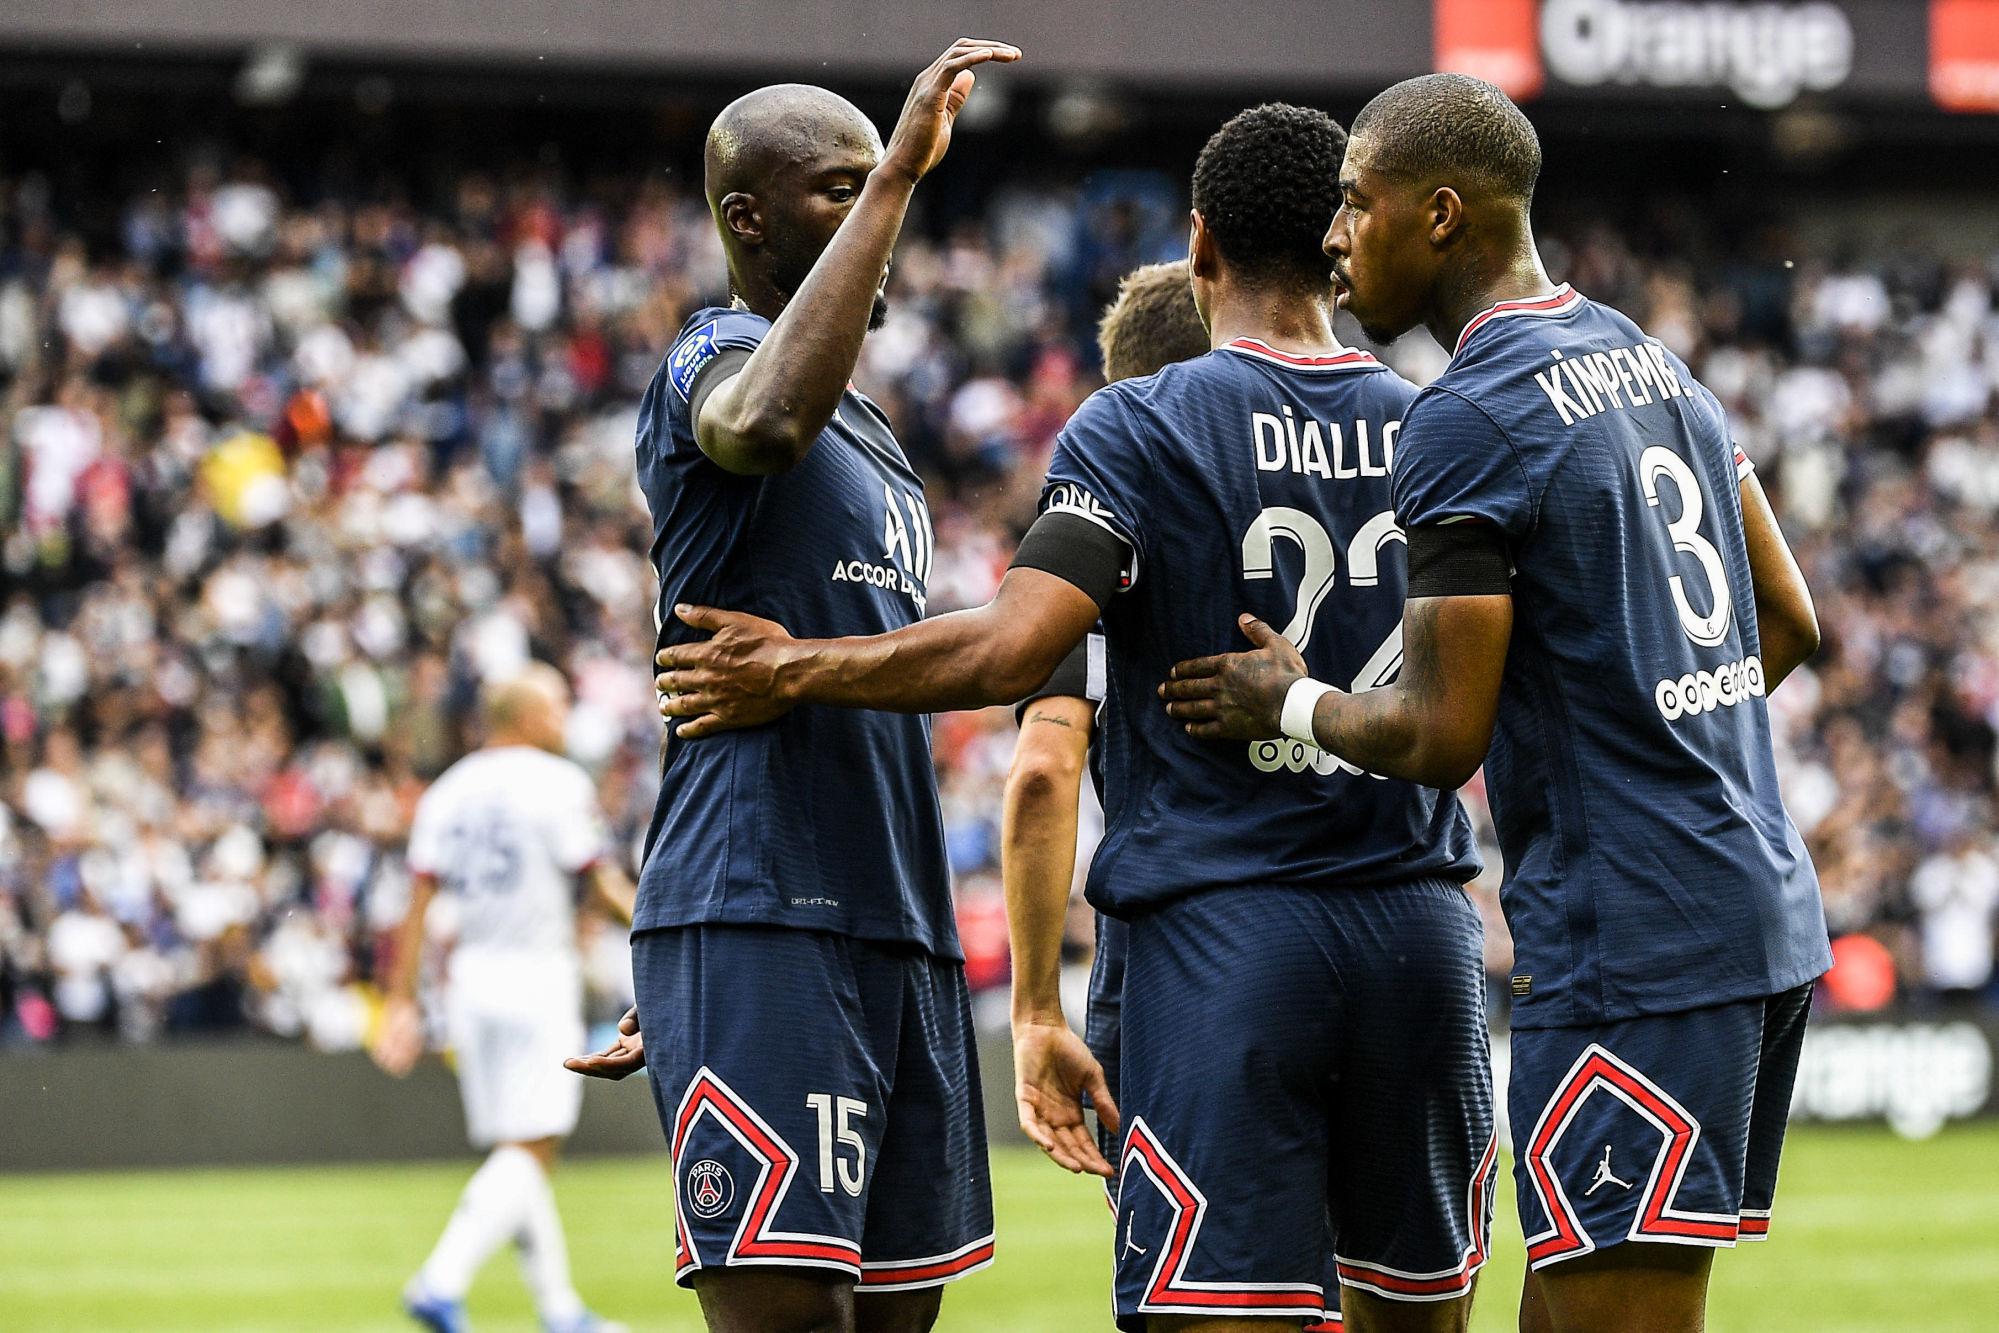 """PSG/Clermont - Danilo savoure la victoire et assure """"Nuno Mendes va beaucoup nous aider"""""""